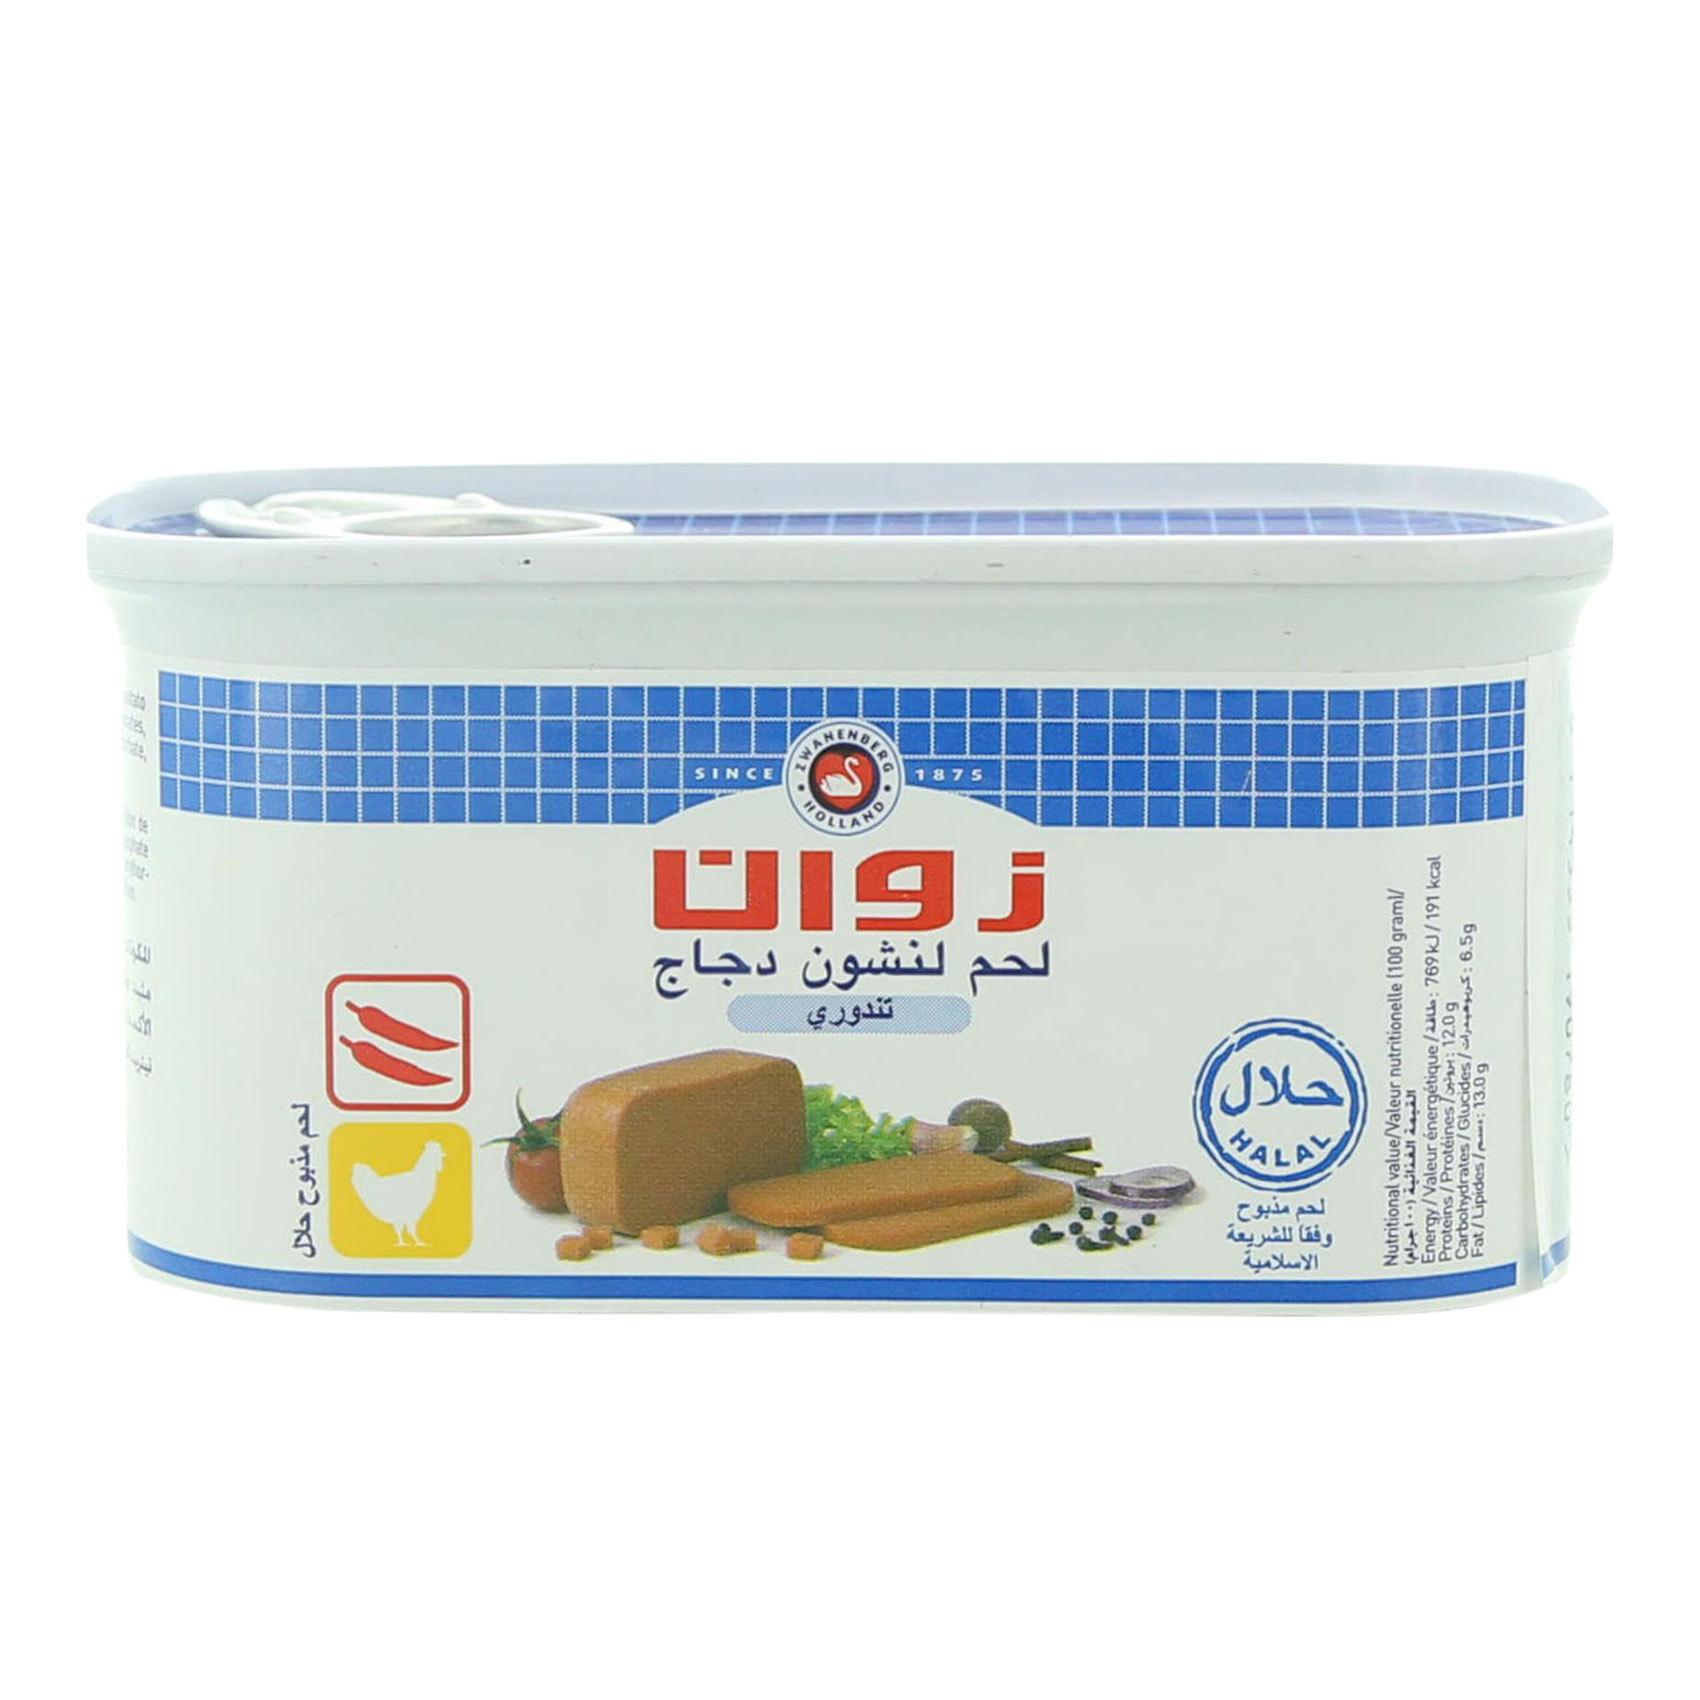 ZWAN CHICKEN L/MEAT TANDOORI 200G